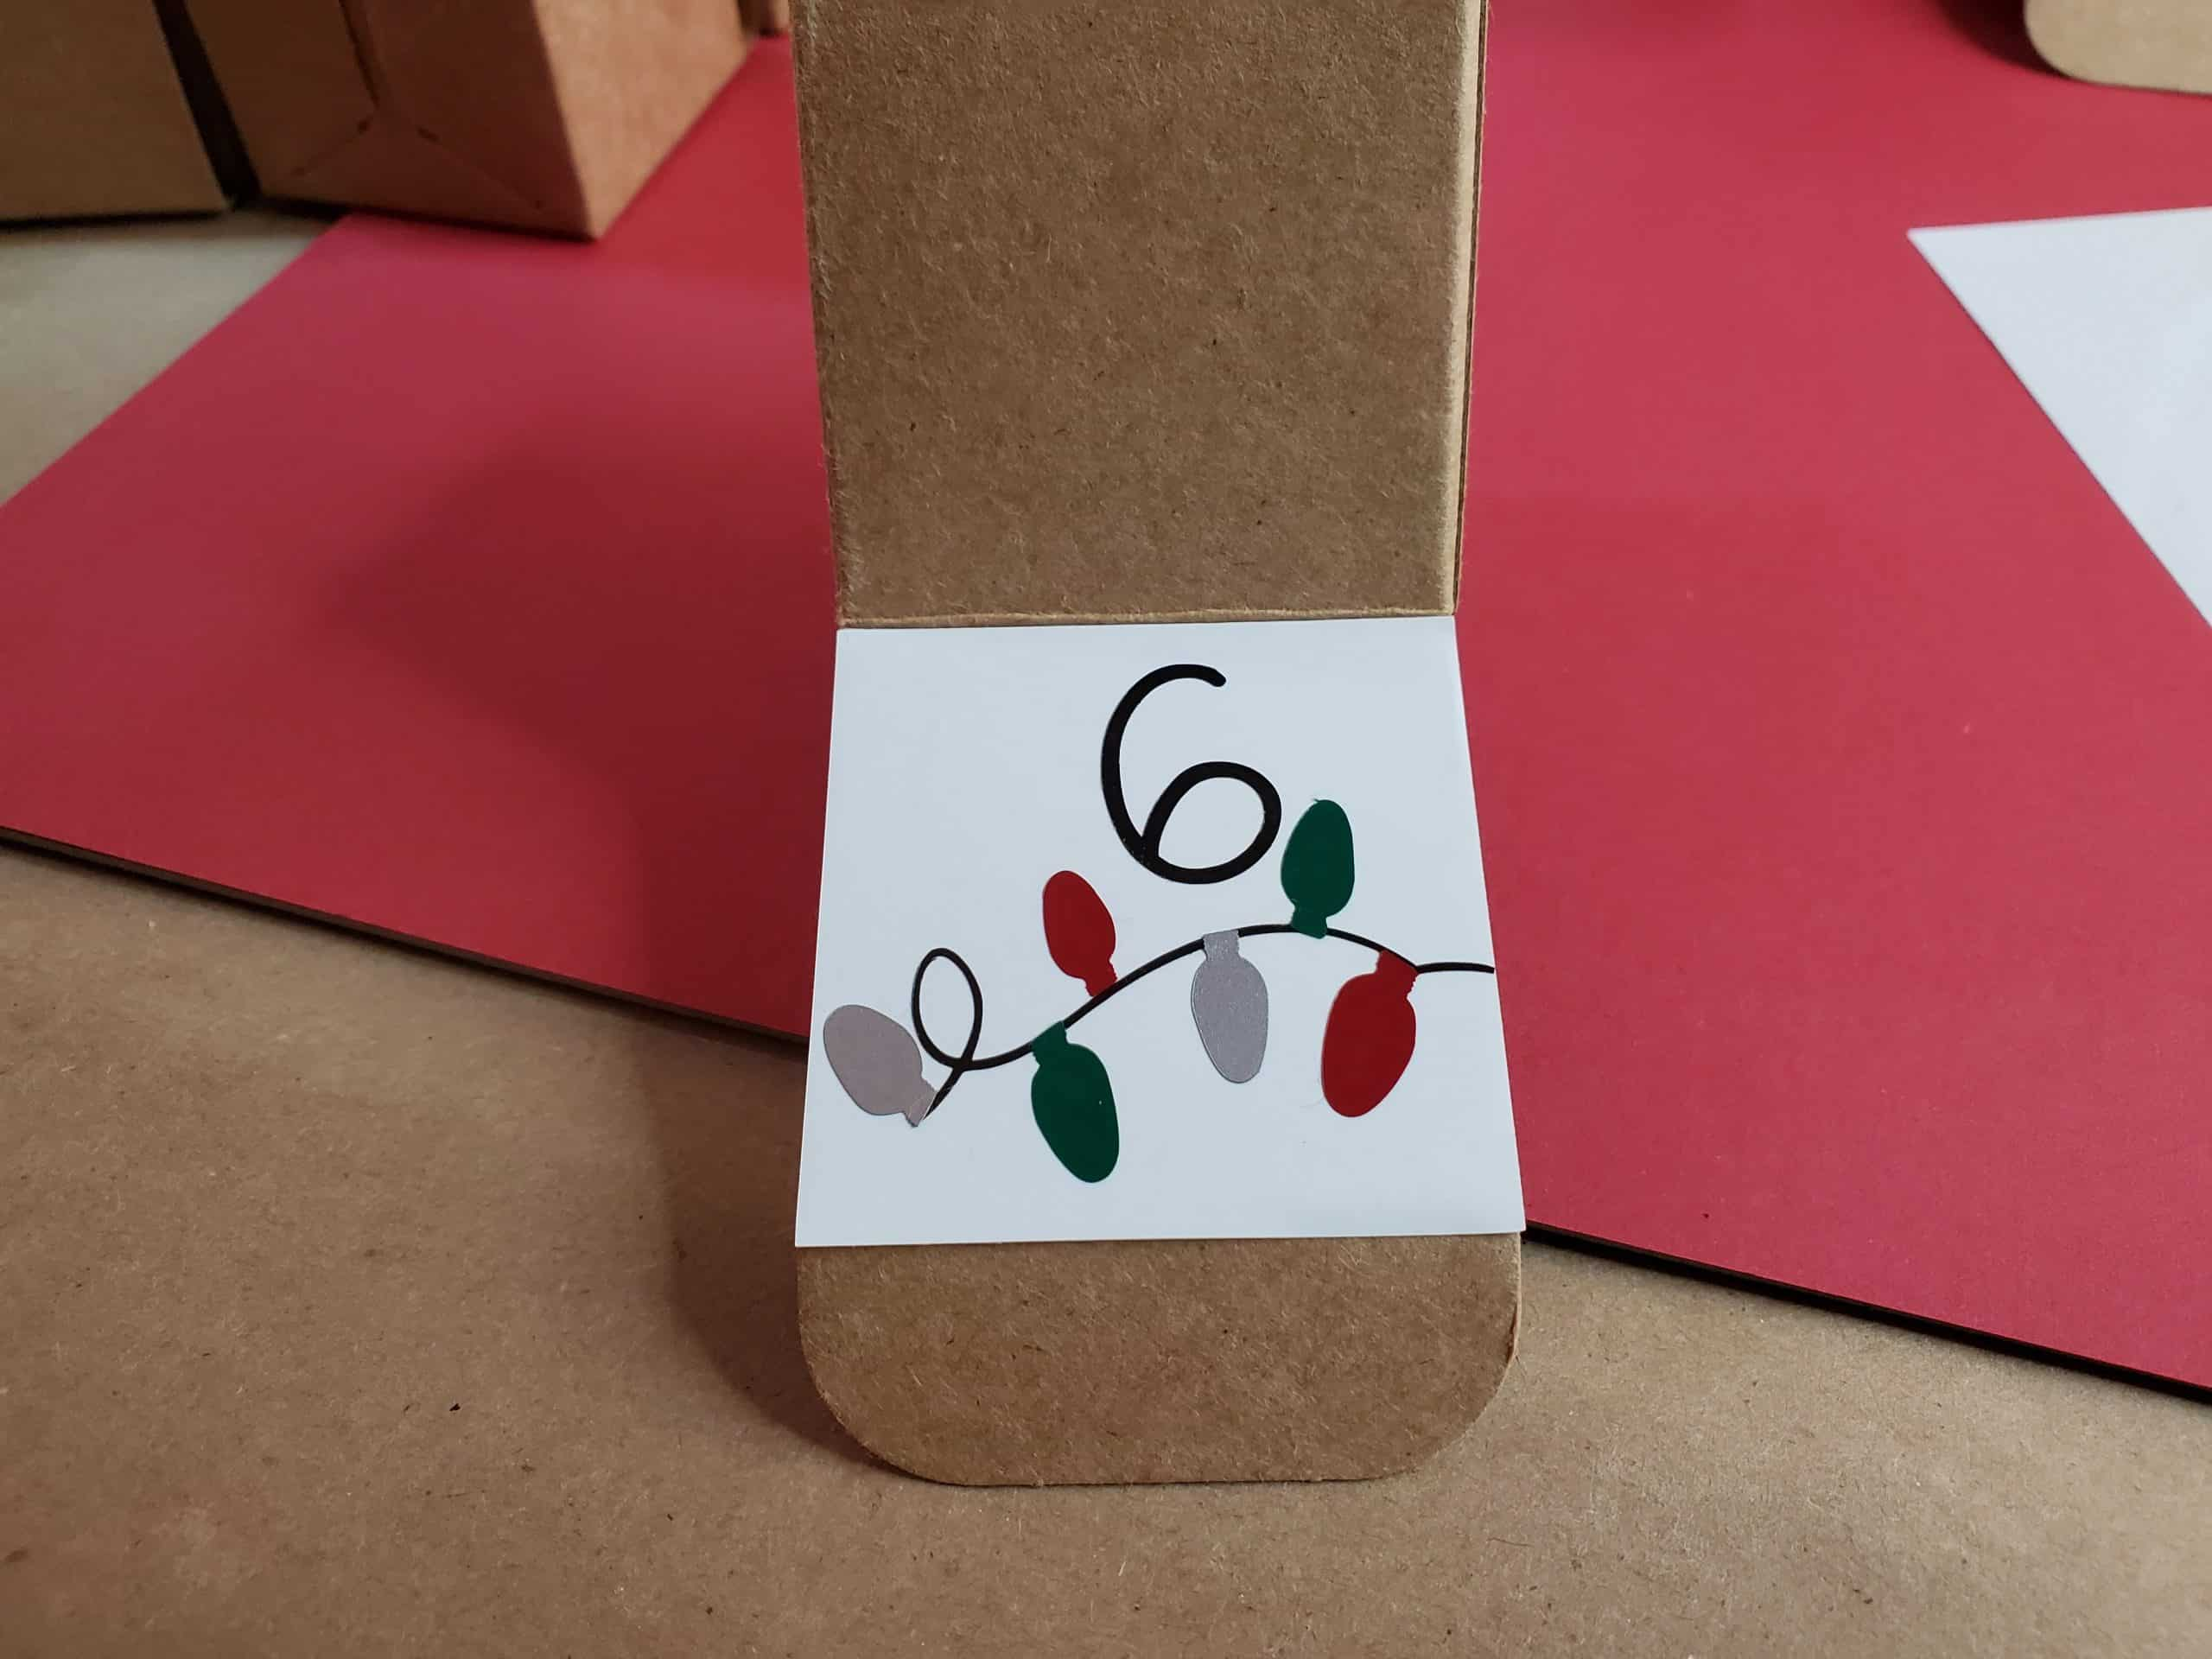 Square 6 box